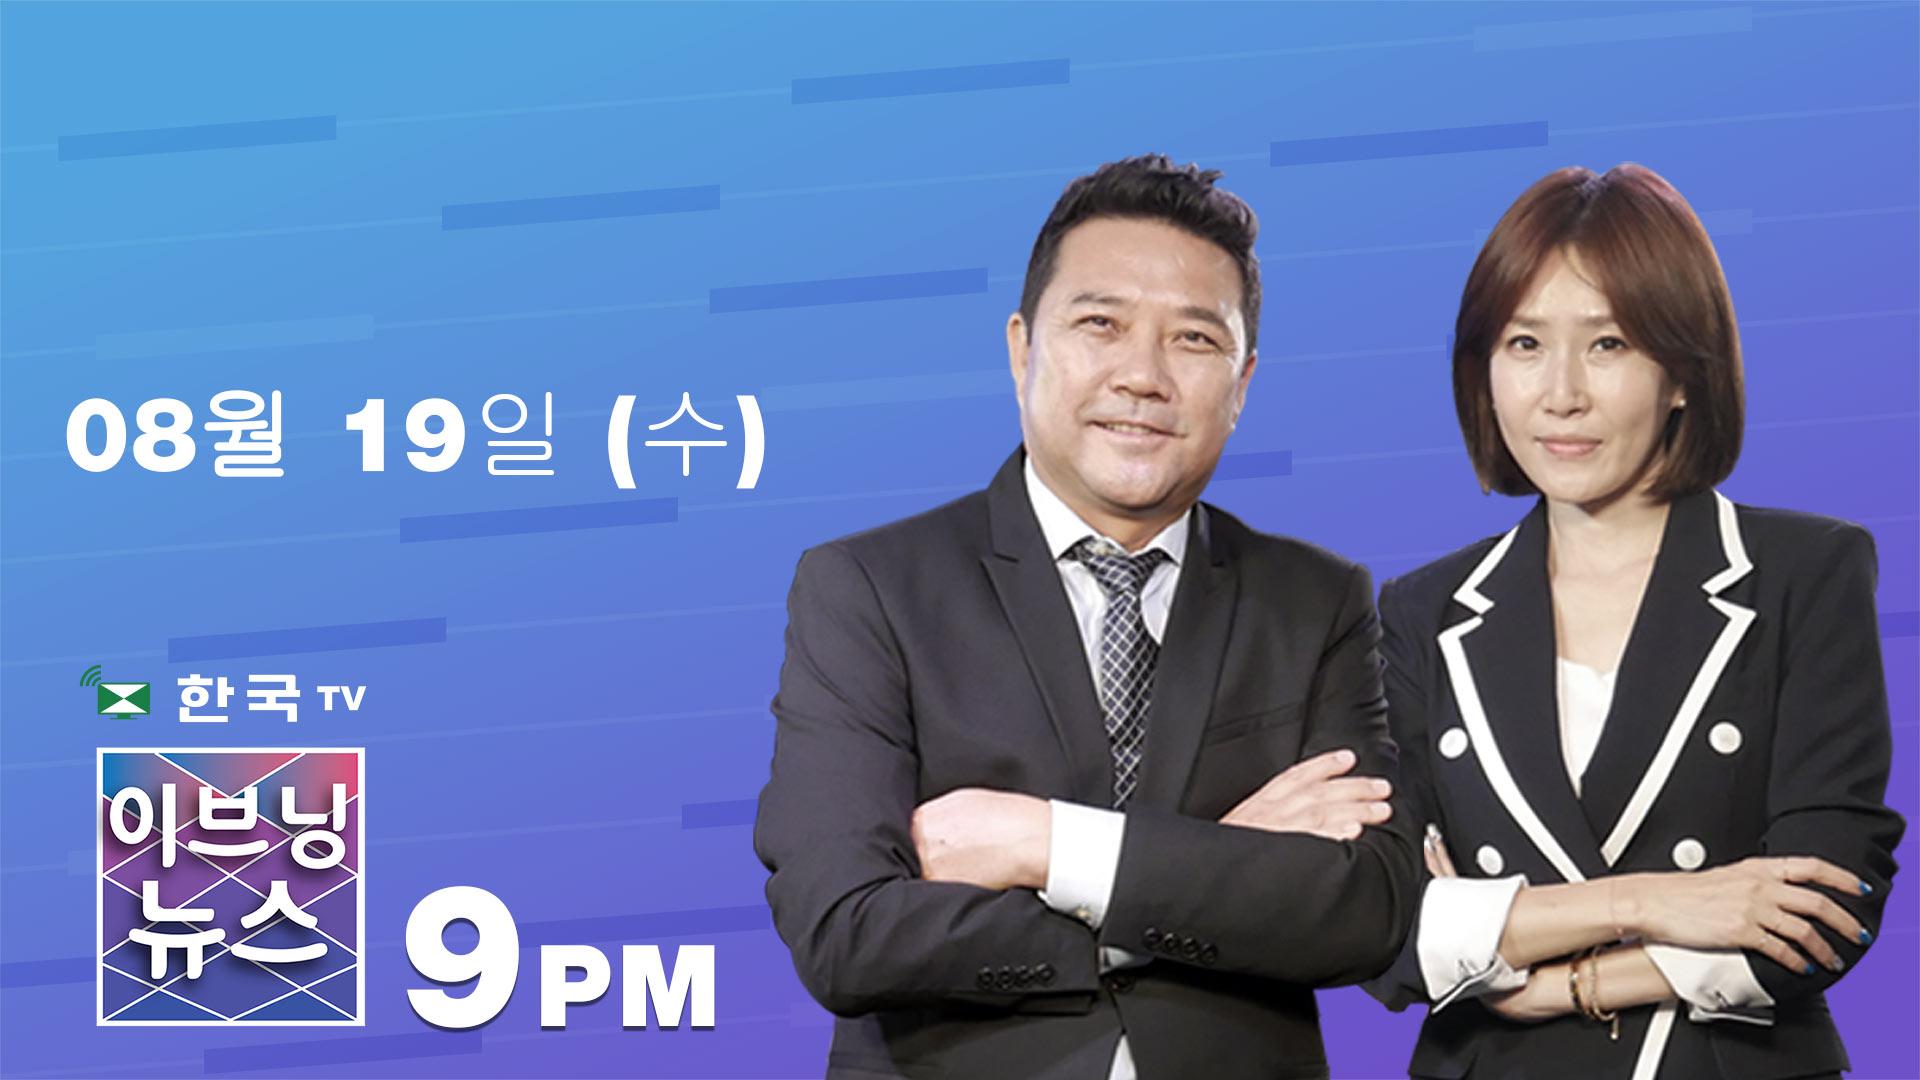 (08.19.2020) 한국TV 이브닝 뉴스